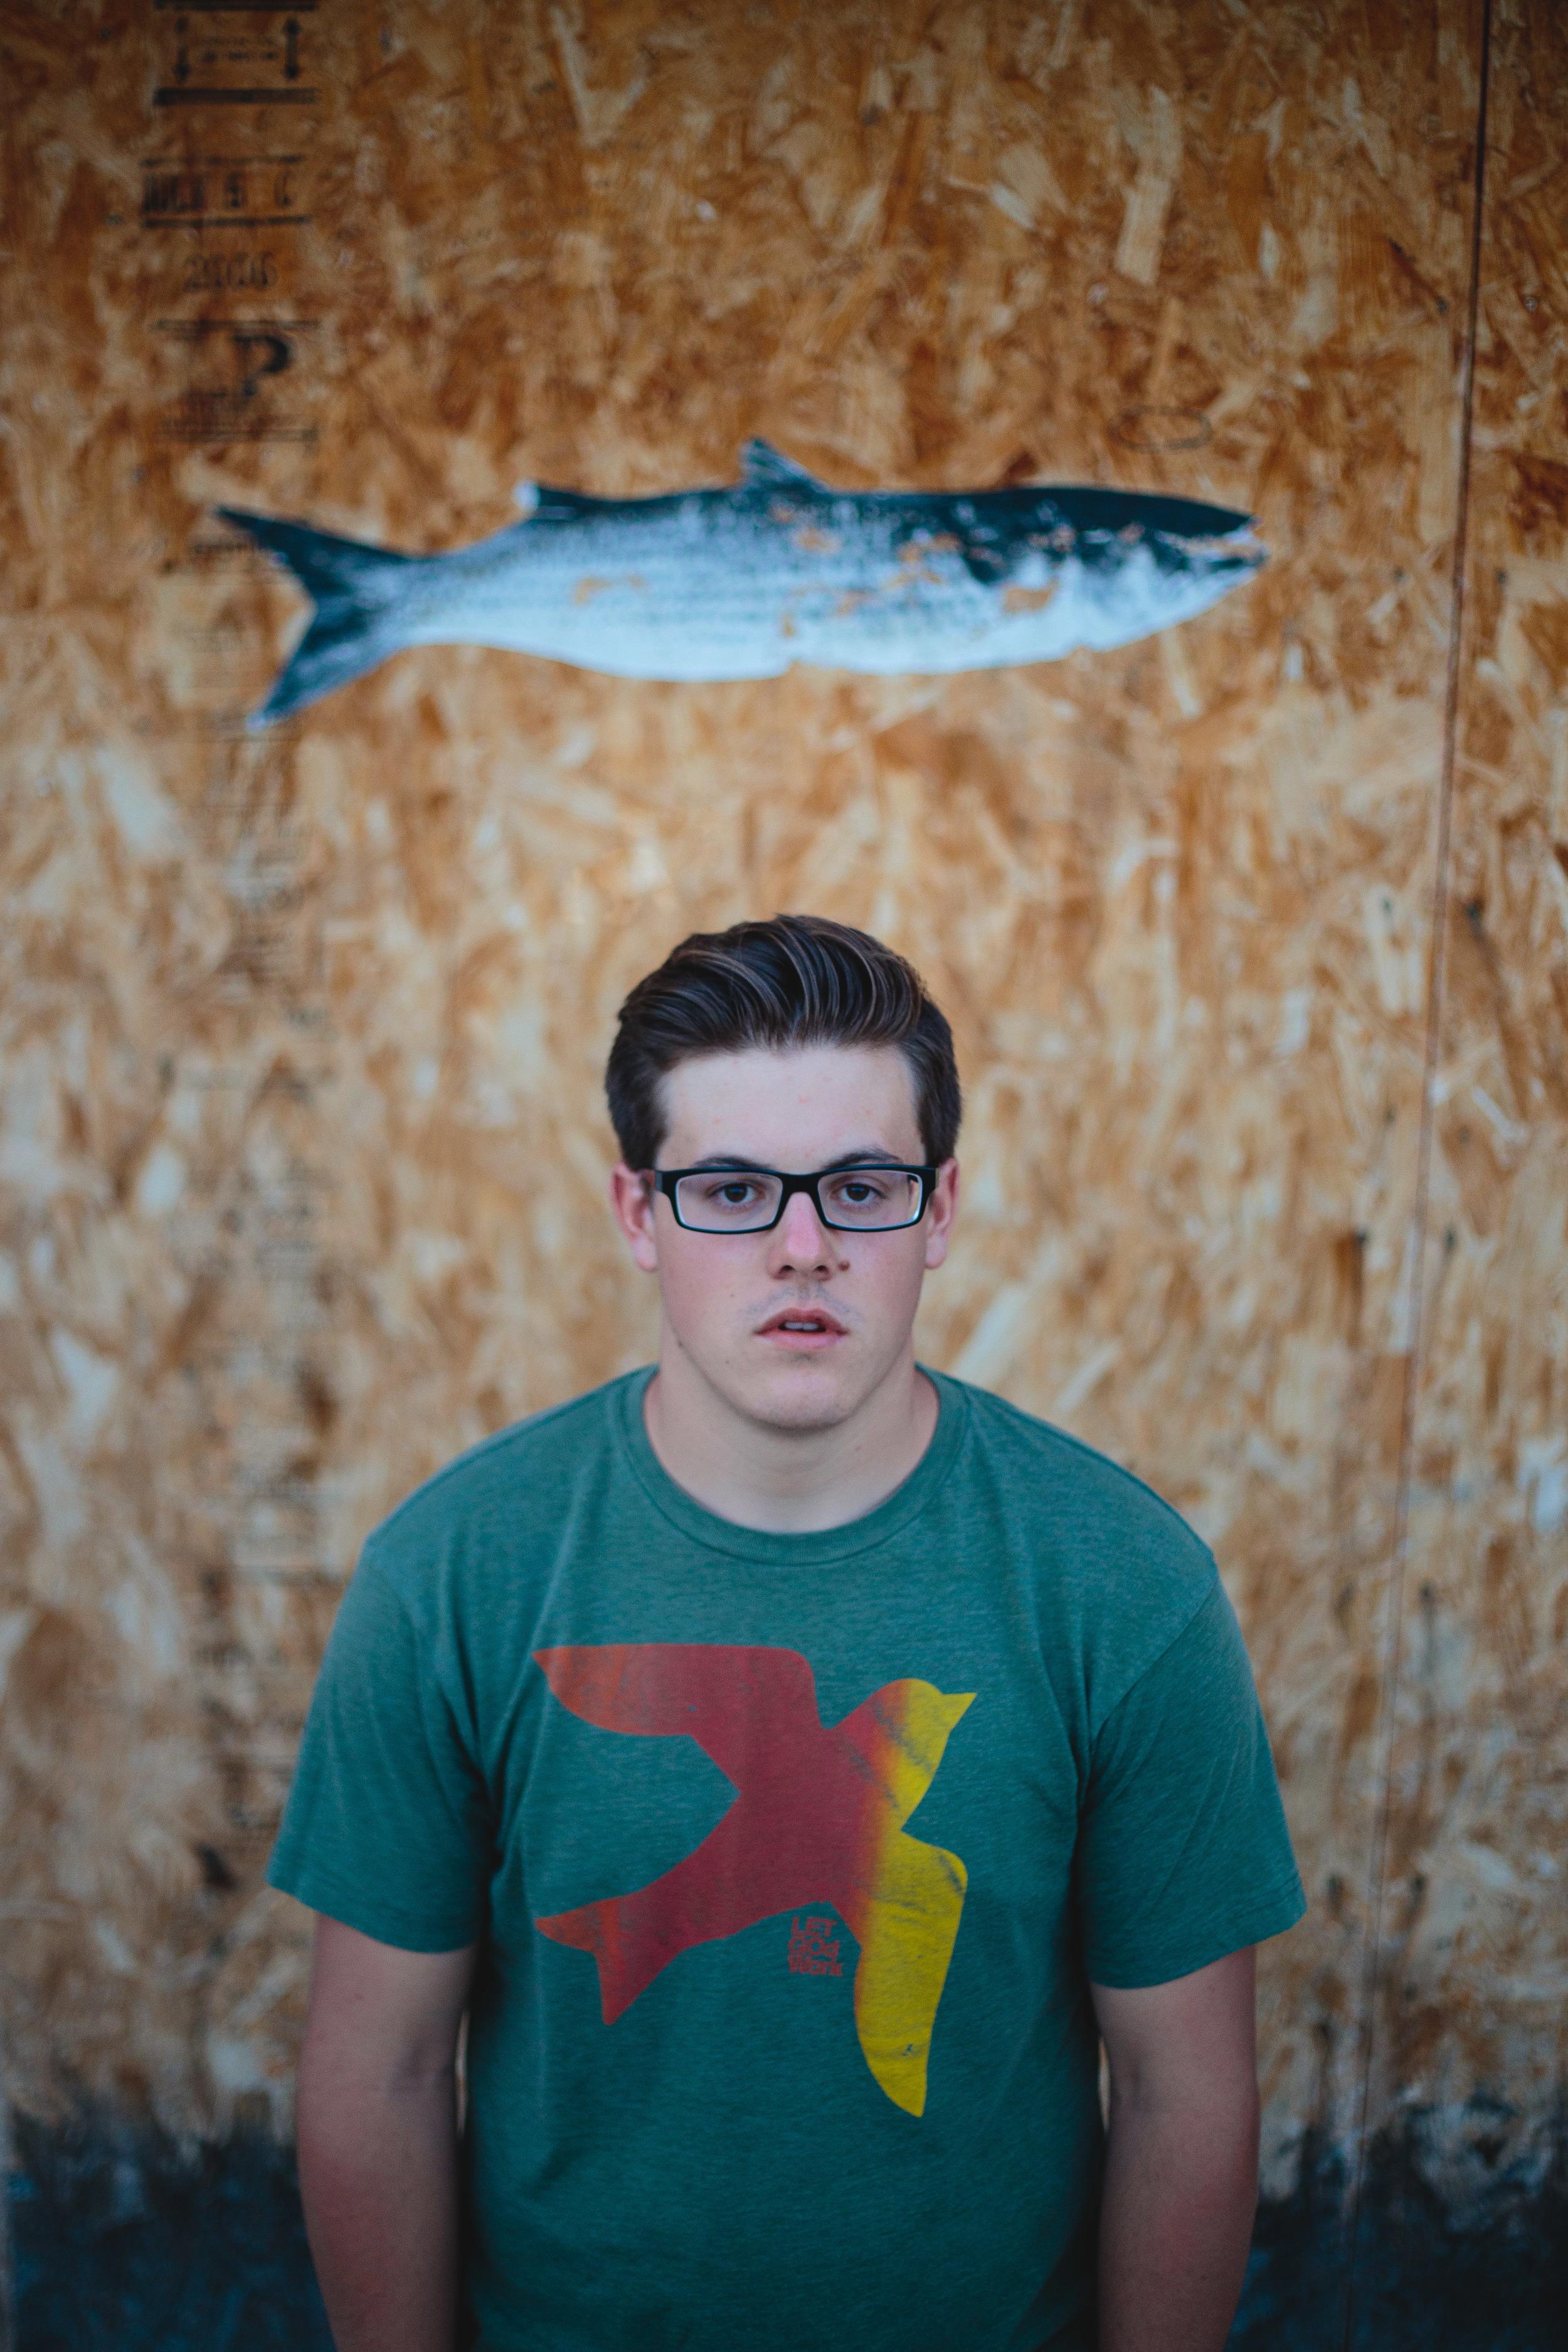 Singer-Songwriter weird portrait different fish